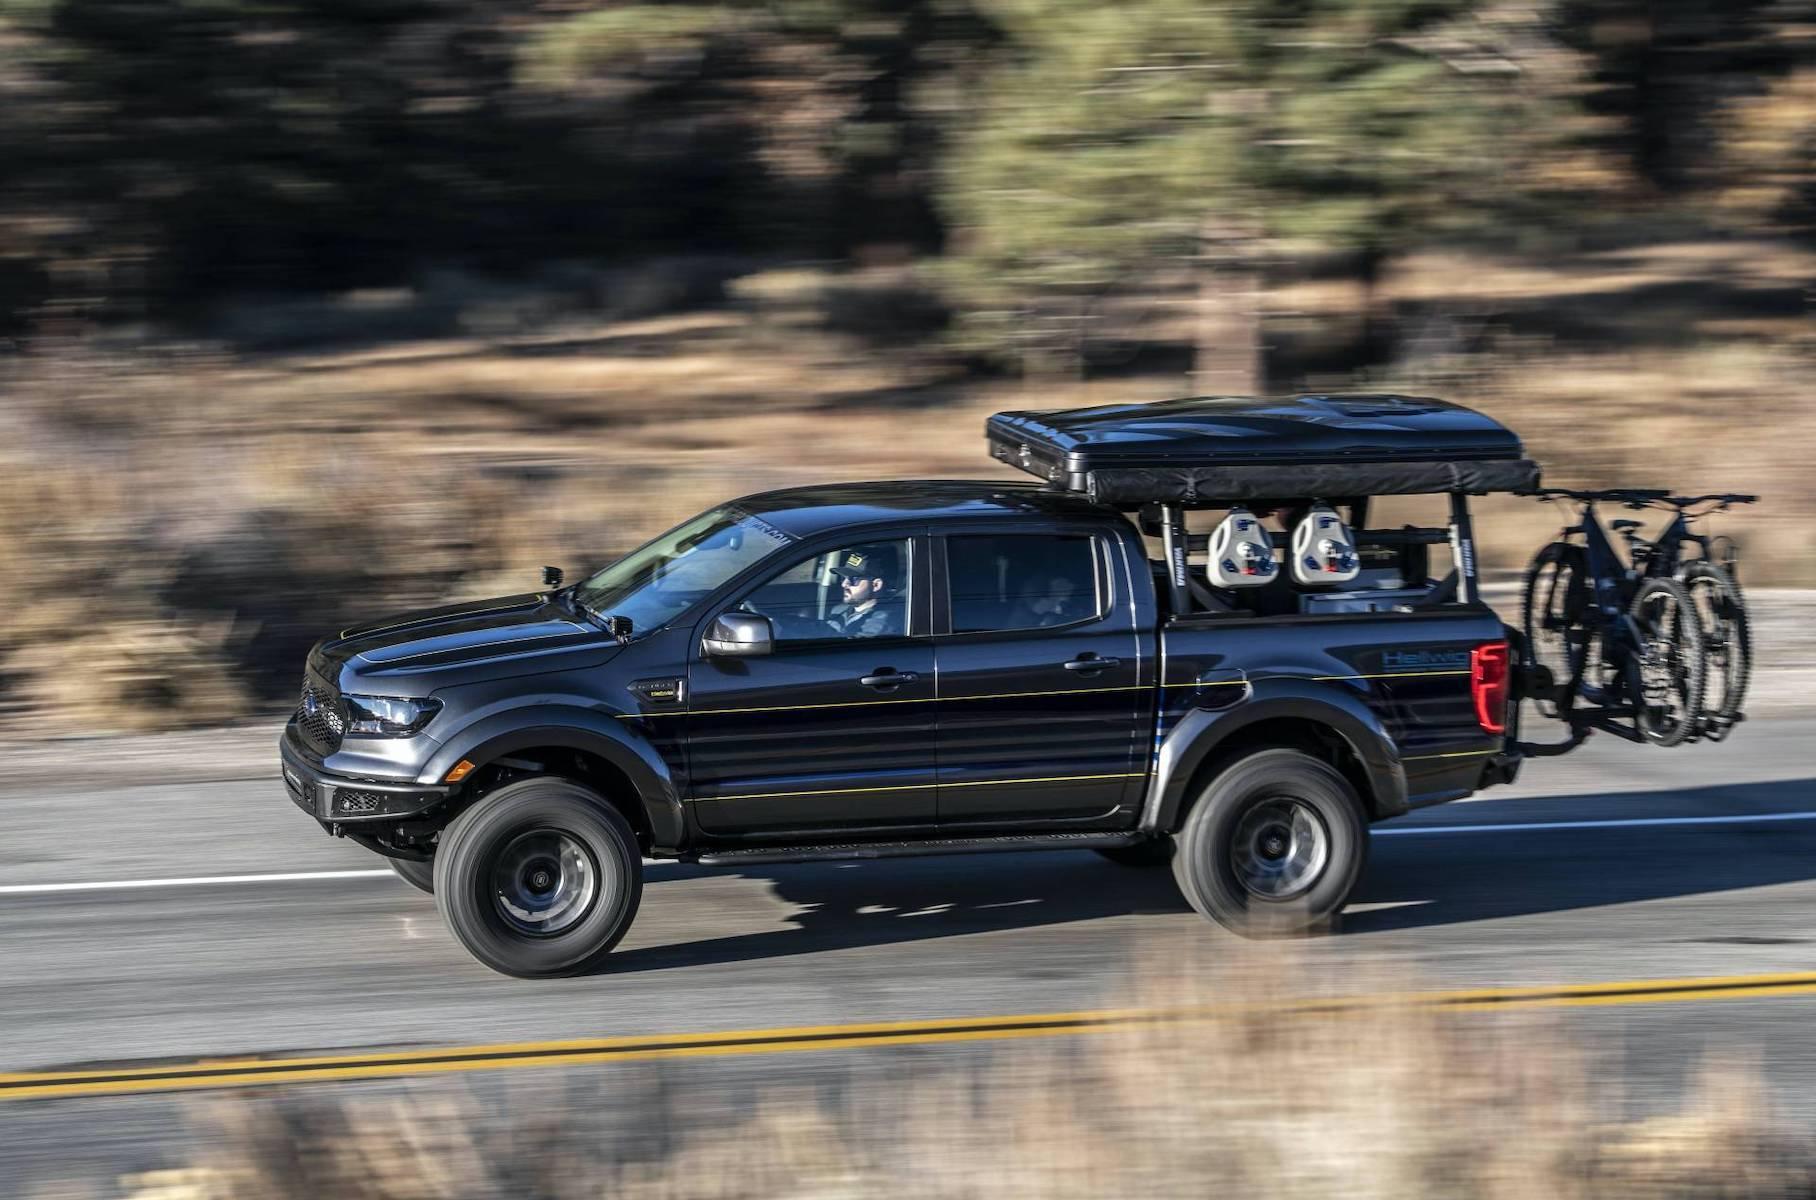 На тюнинг-шоу SEMA дебютировал «грузовик для приключений», созданный в стенах ателье Hellwig Products на базе Ford Ranger XLT актуального модельного года.